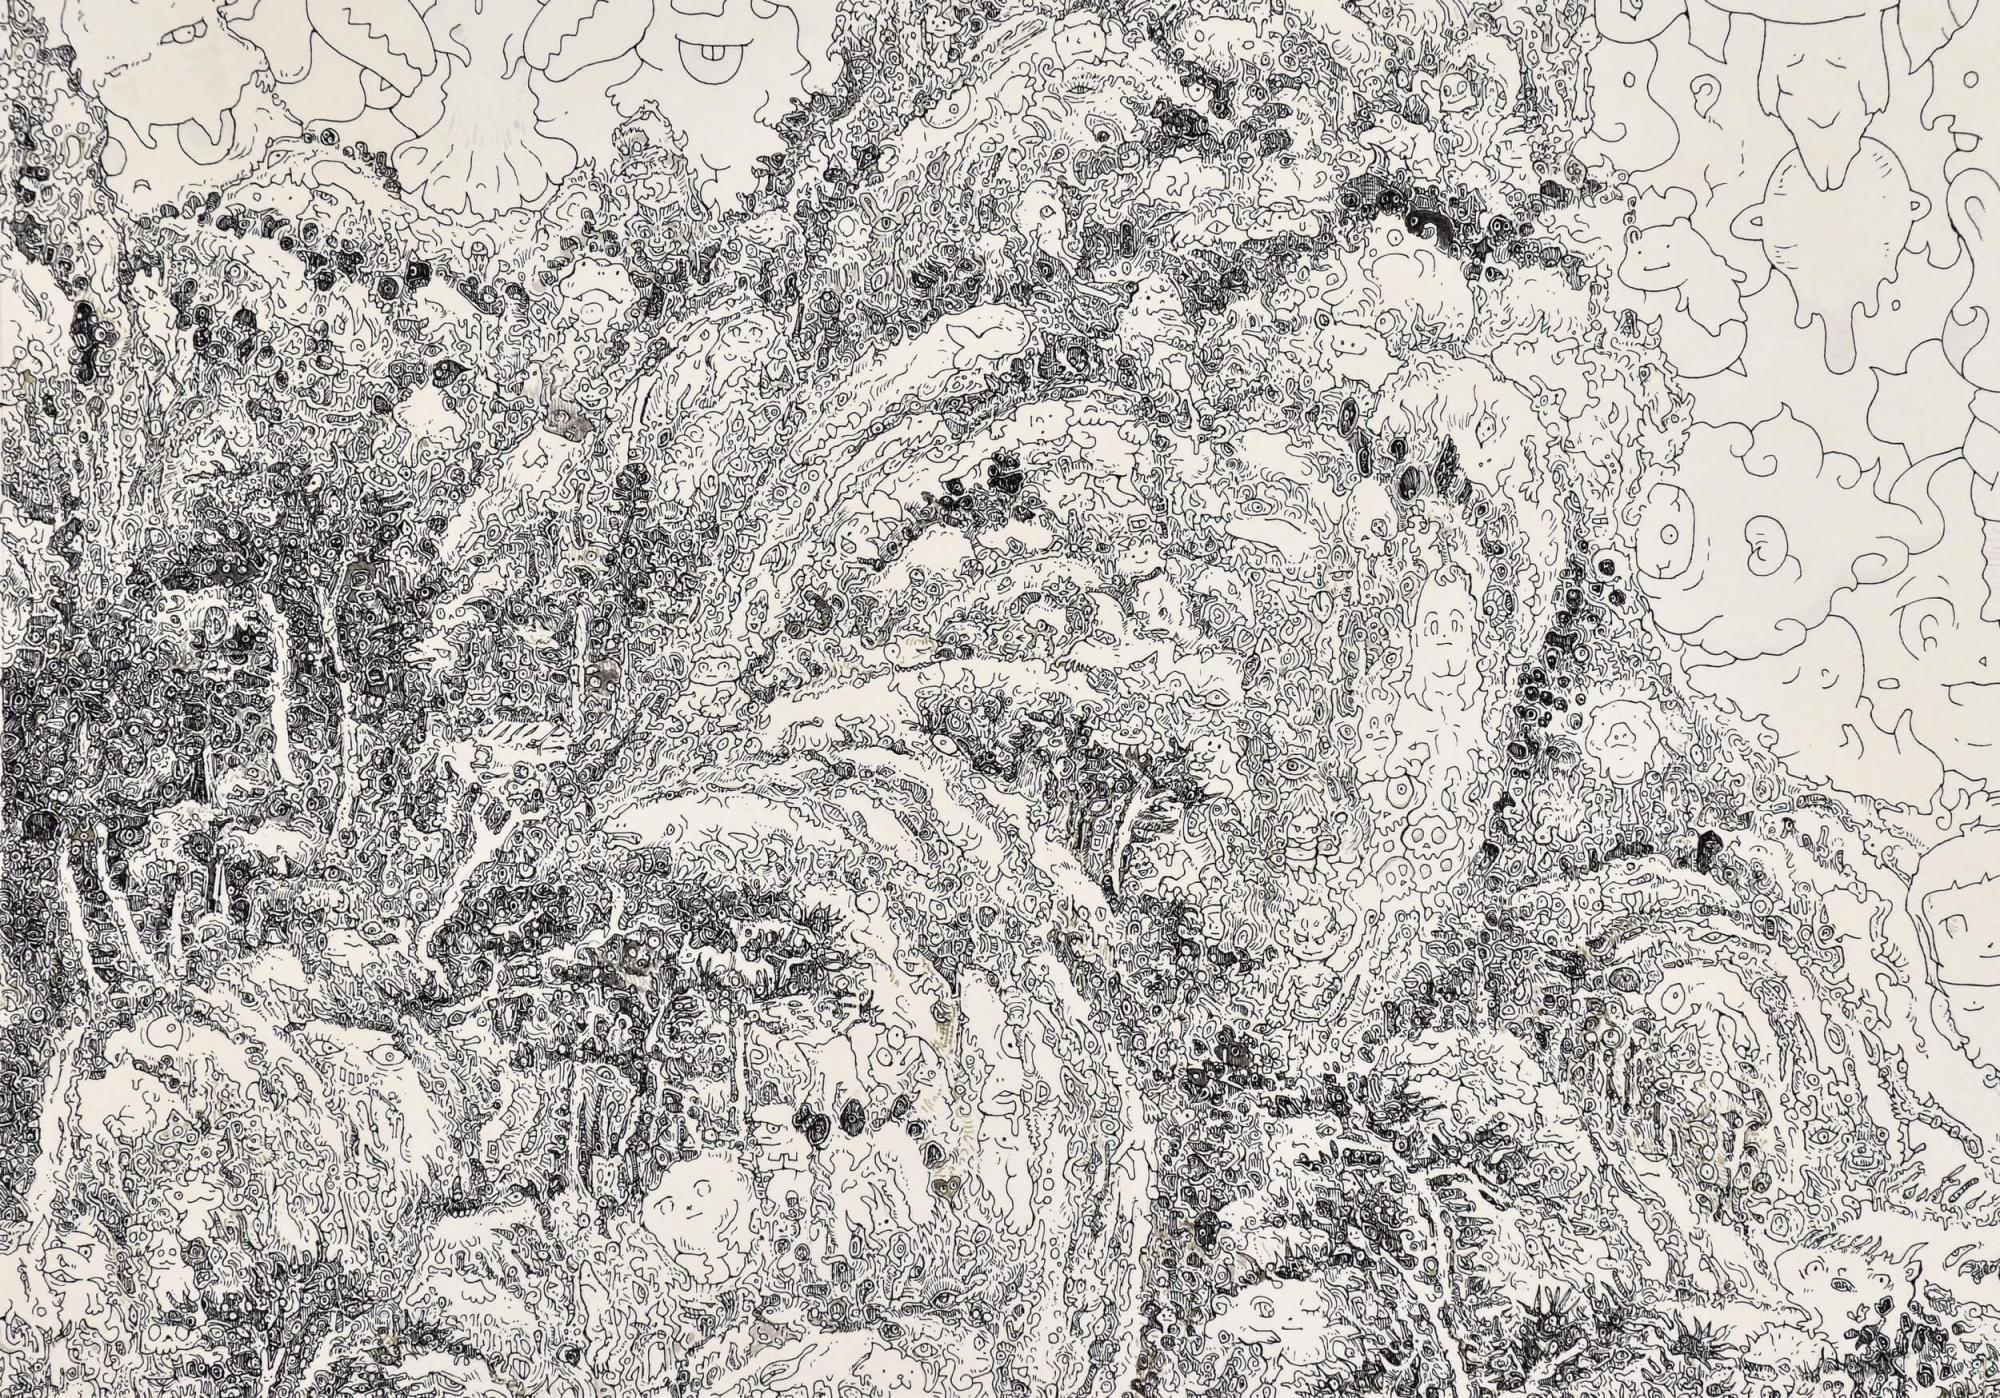 Landscape after Huang Gongwang by Wang Yuanqi_detail.jpg